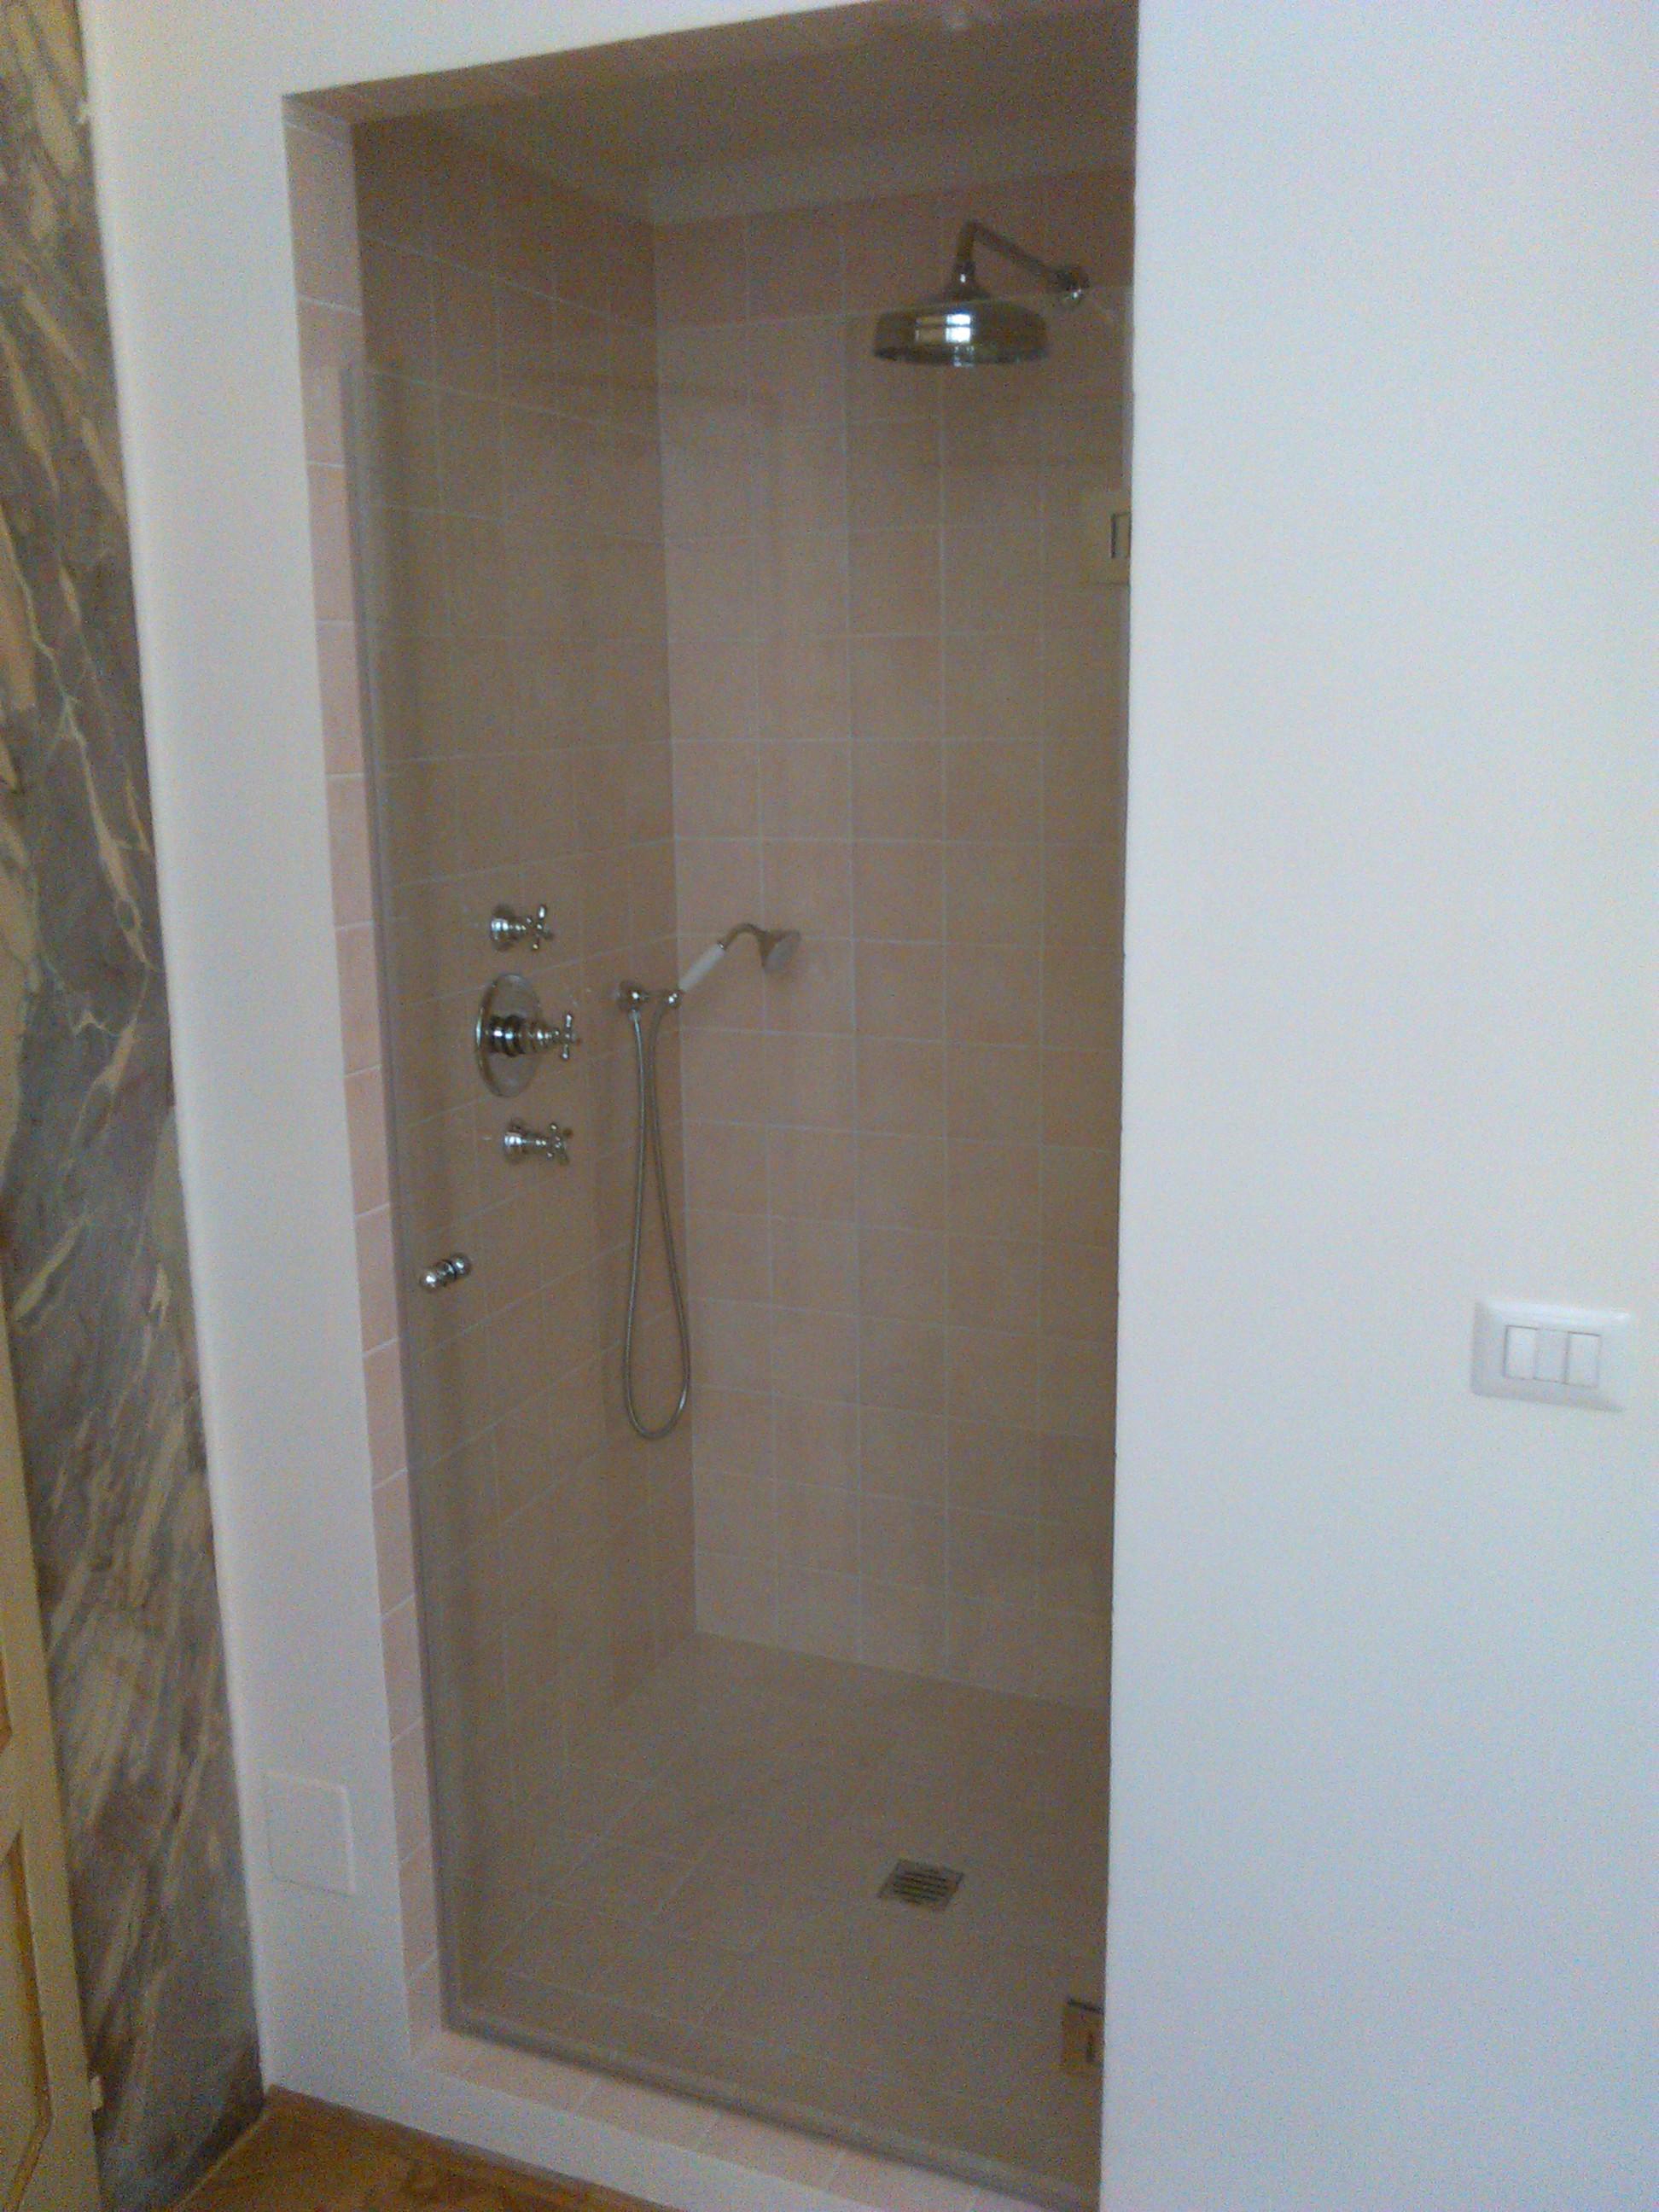 Vetro scorrevole per box doccia in muratura - Vetreria Firenze Simone Bacciotti